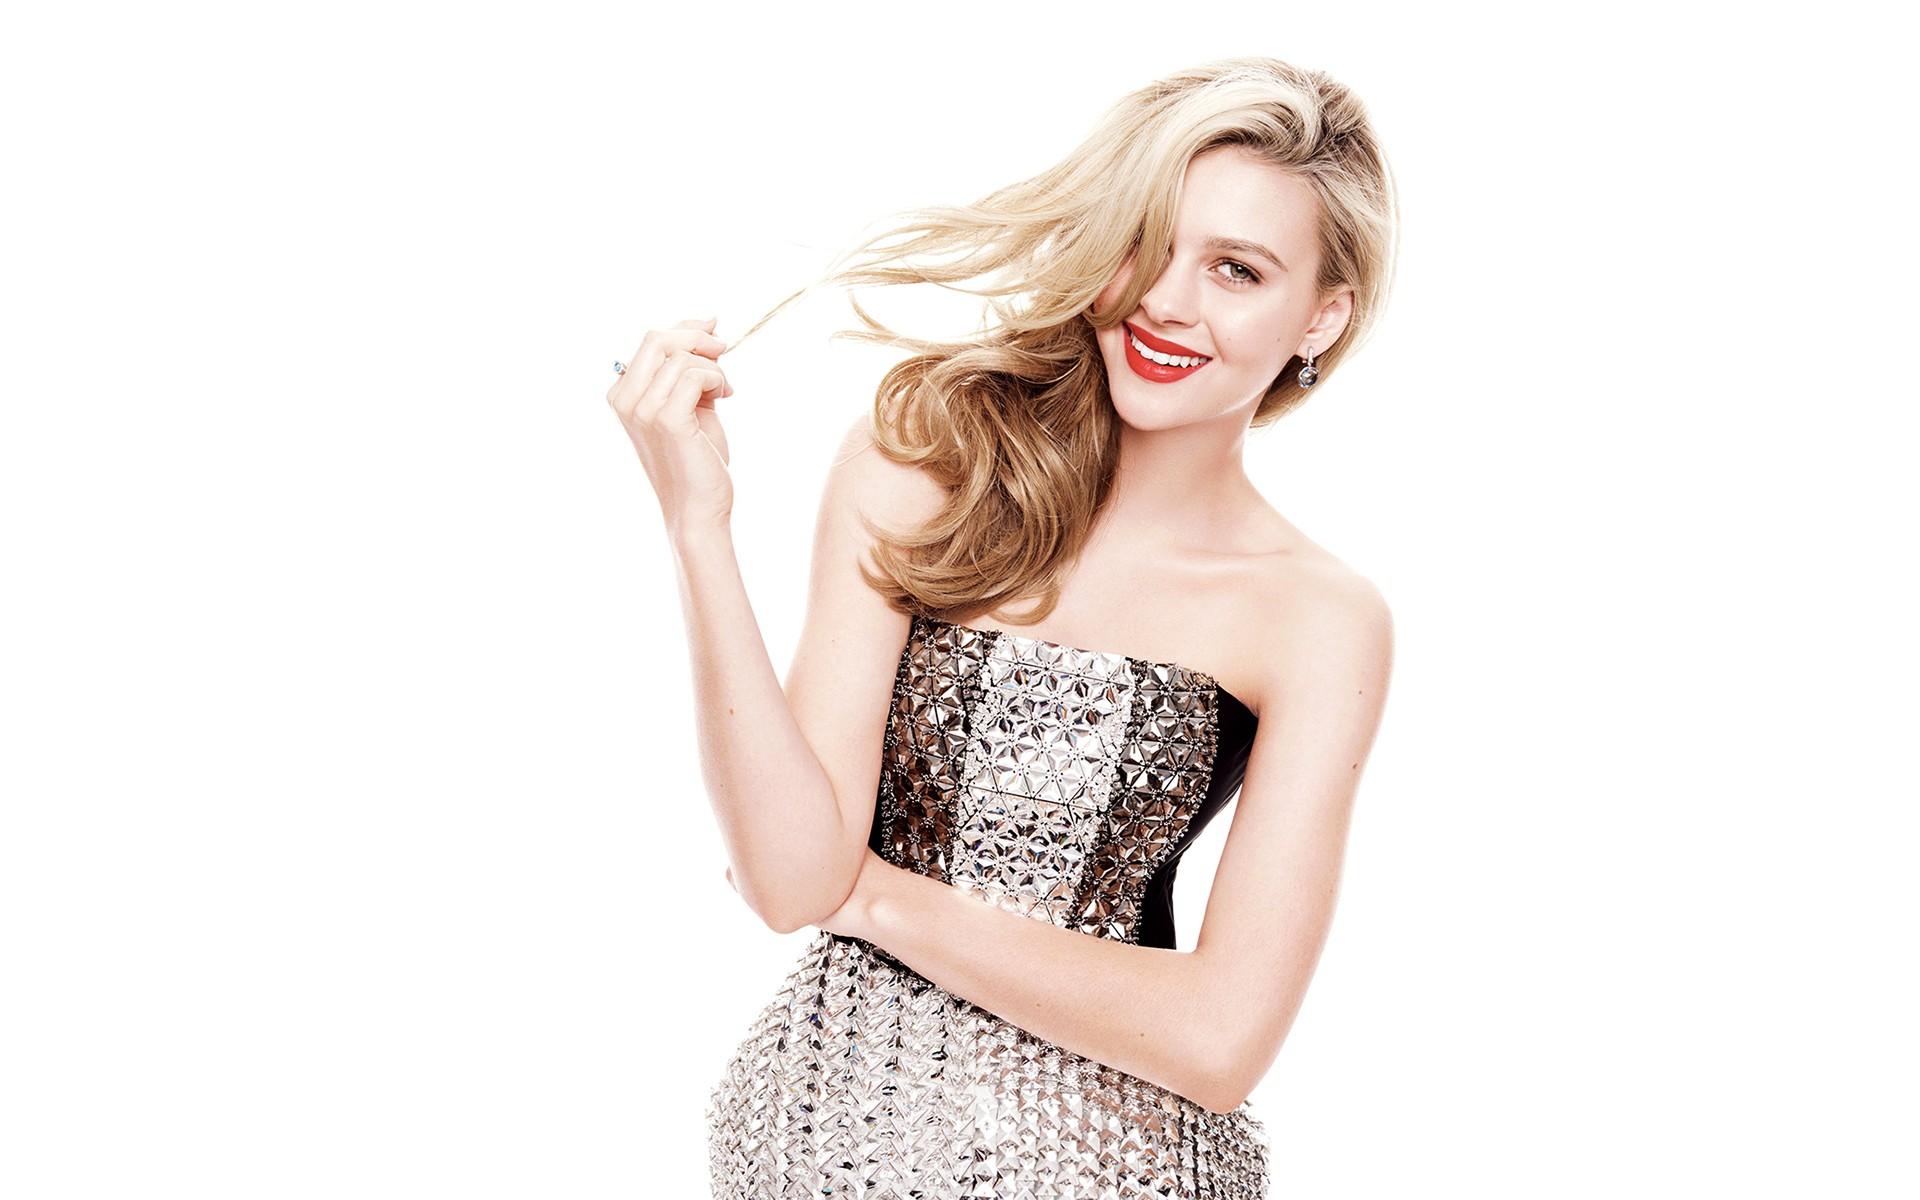 Hintergrundbilder : Frau, blond, Einfacher hintergrund, Berühmtheit ...